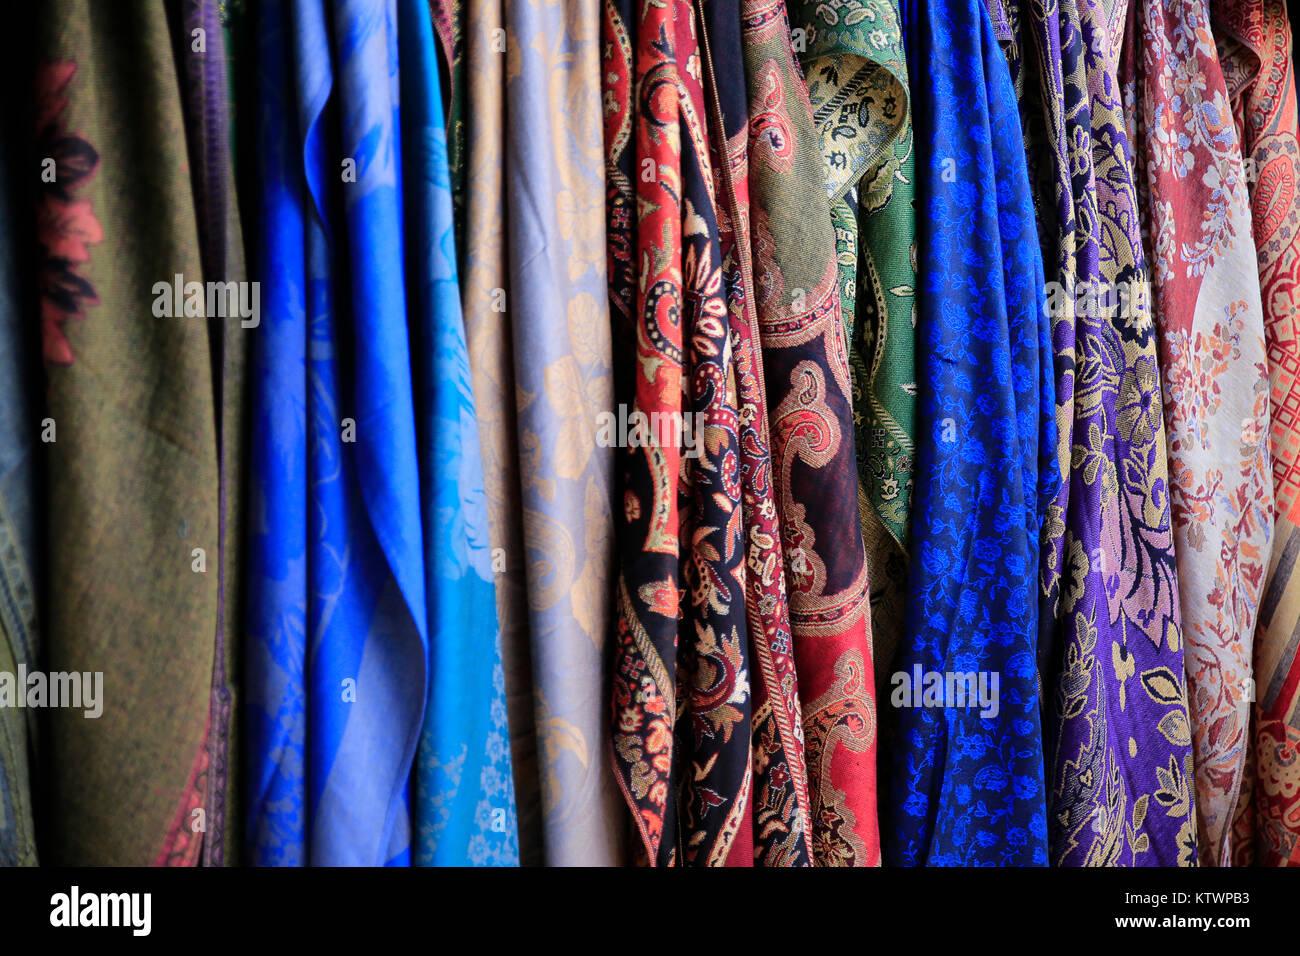 678ab918870b Belles écharpes en soie Prêt à porter Banque D Images, Photo Stock ...